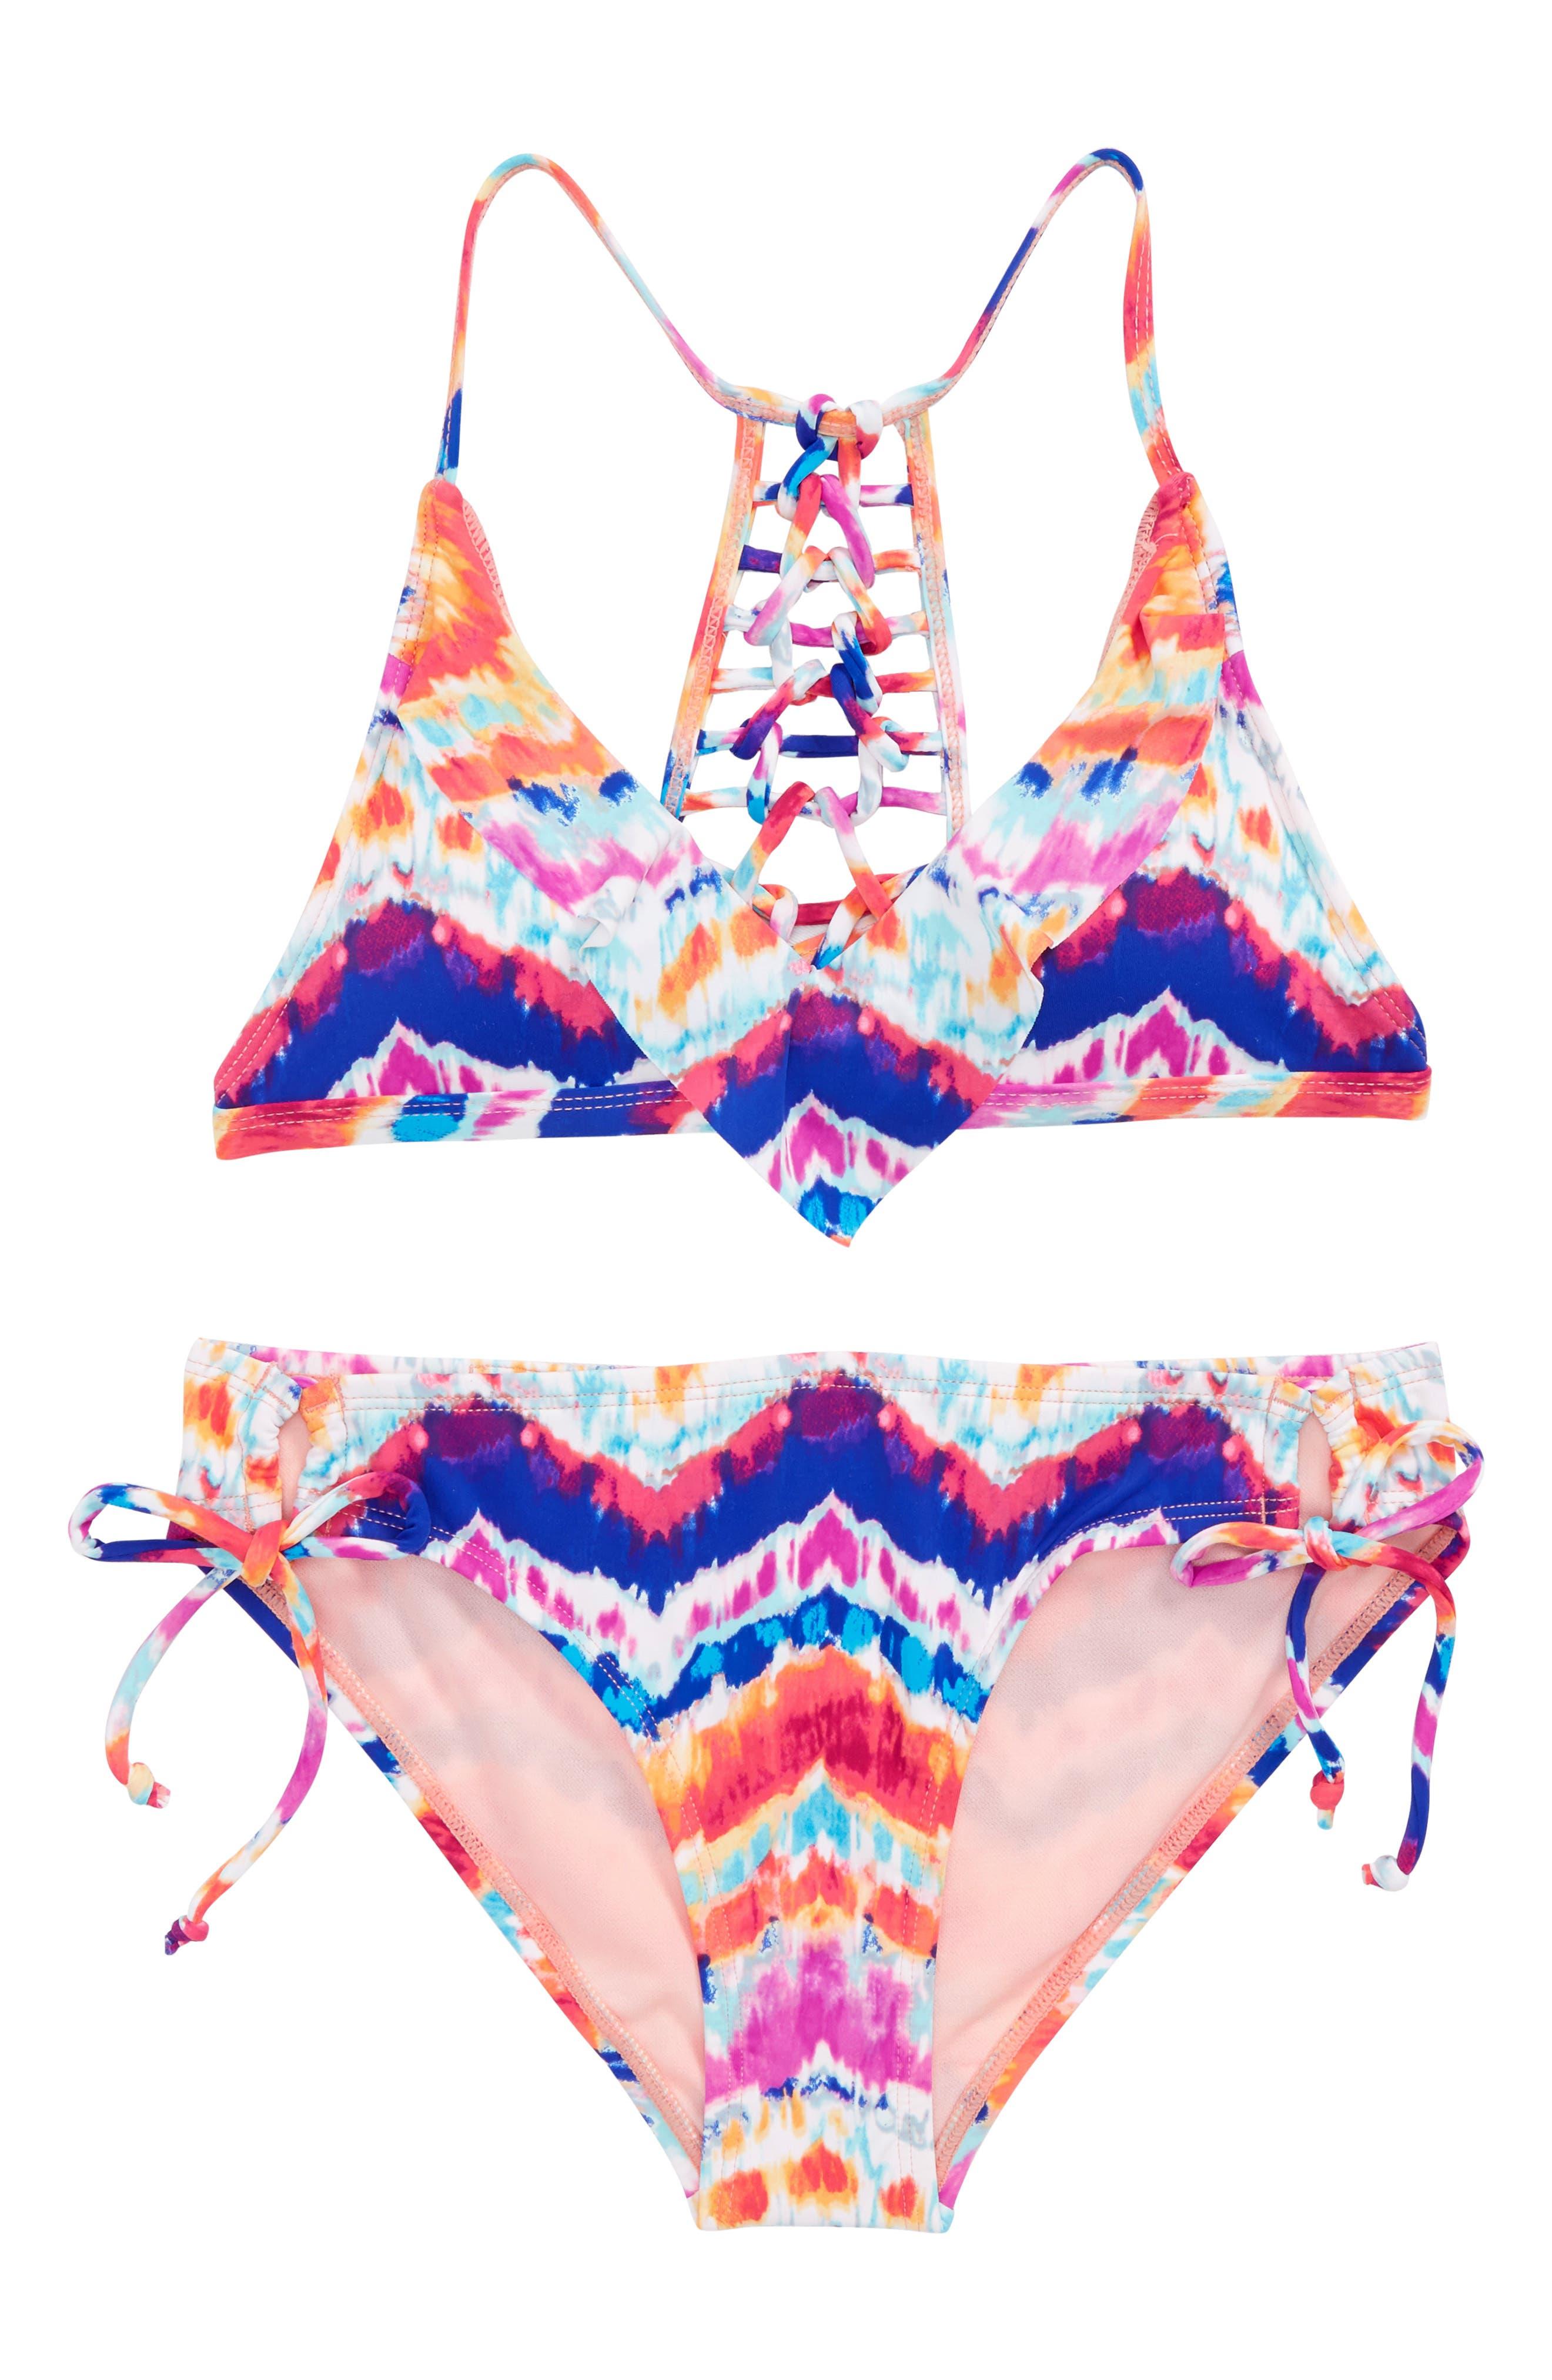 Chevron Two-Piece Swimsuit,                             Main thumbnail 1, color,                             Multi